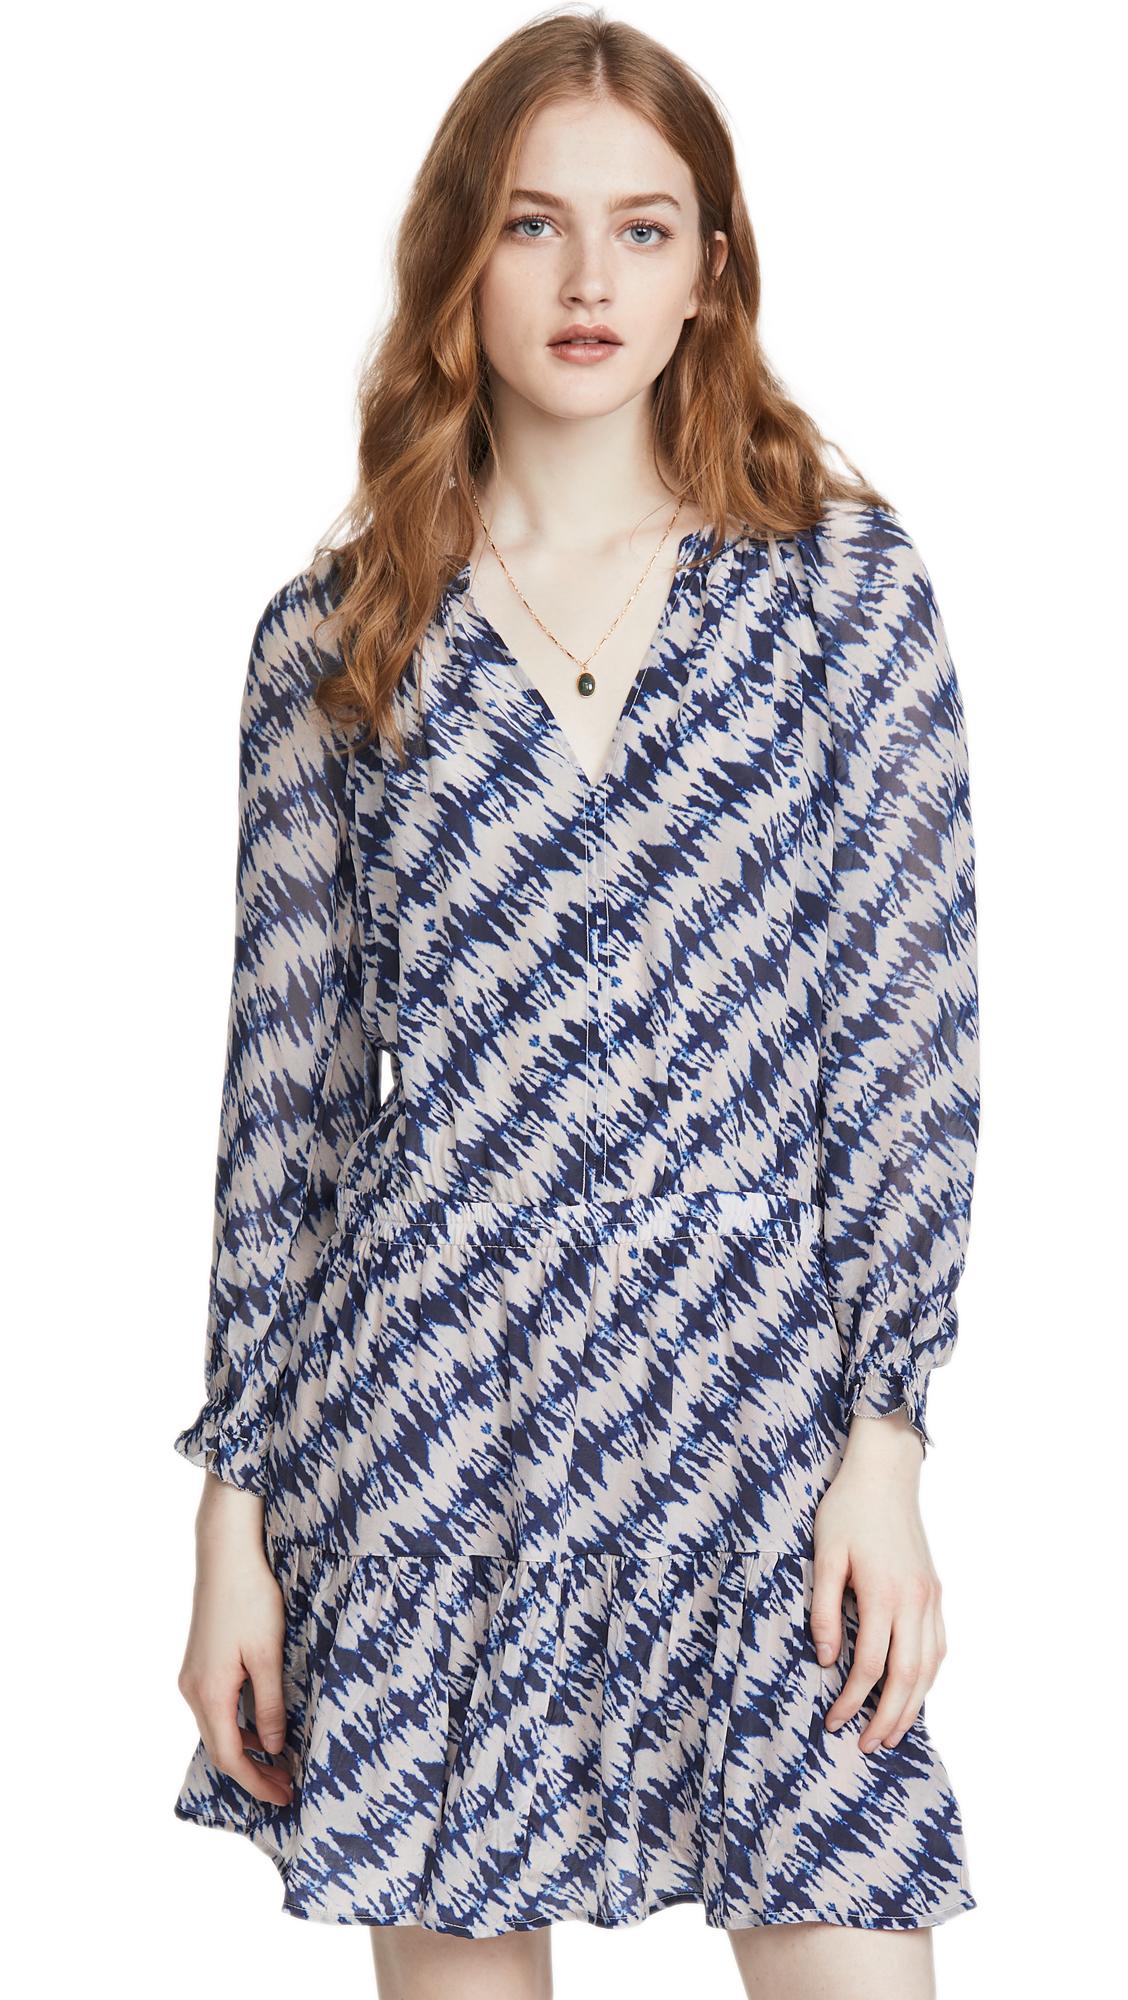 Photo of Velvet Leah Dress - shop Velvet Clothing, Dresses online